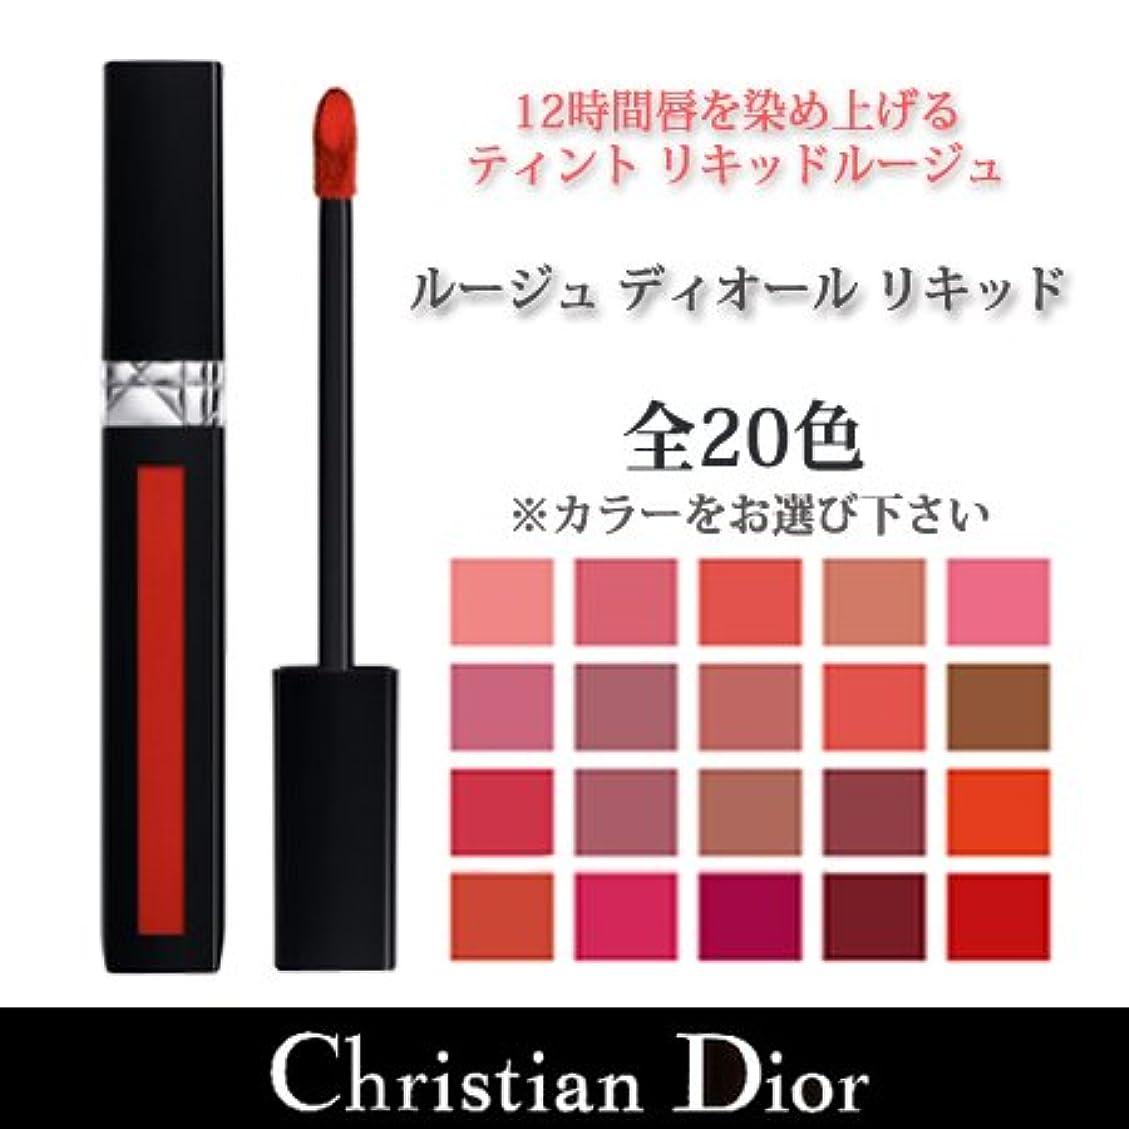 スケジュール弾力性のある入植者ディオール ルージュ ディオール リキッド 全20色 -Dior- 272